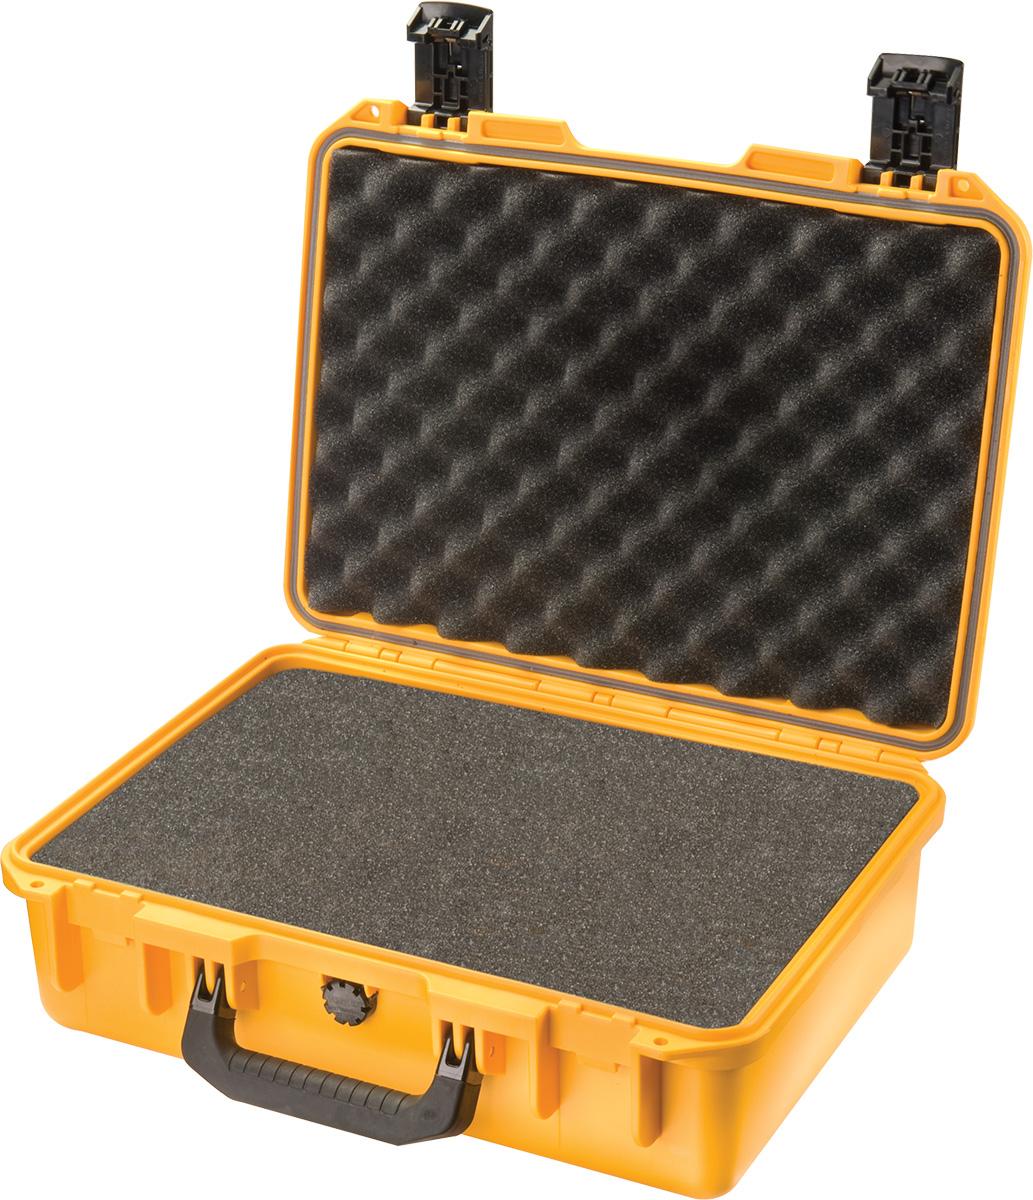 pelican im2200 yellow foam laptop case